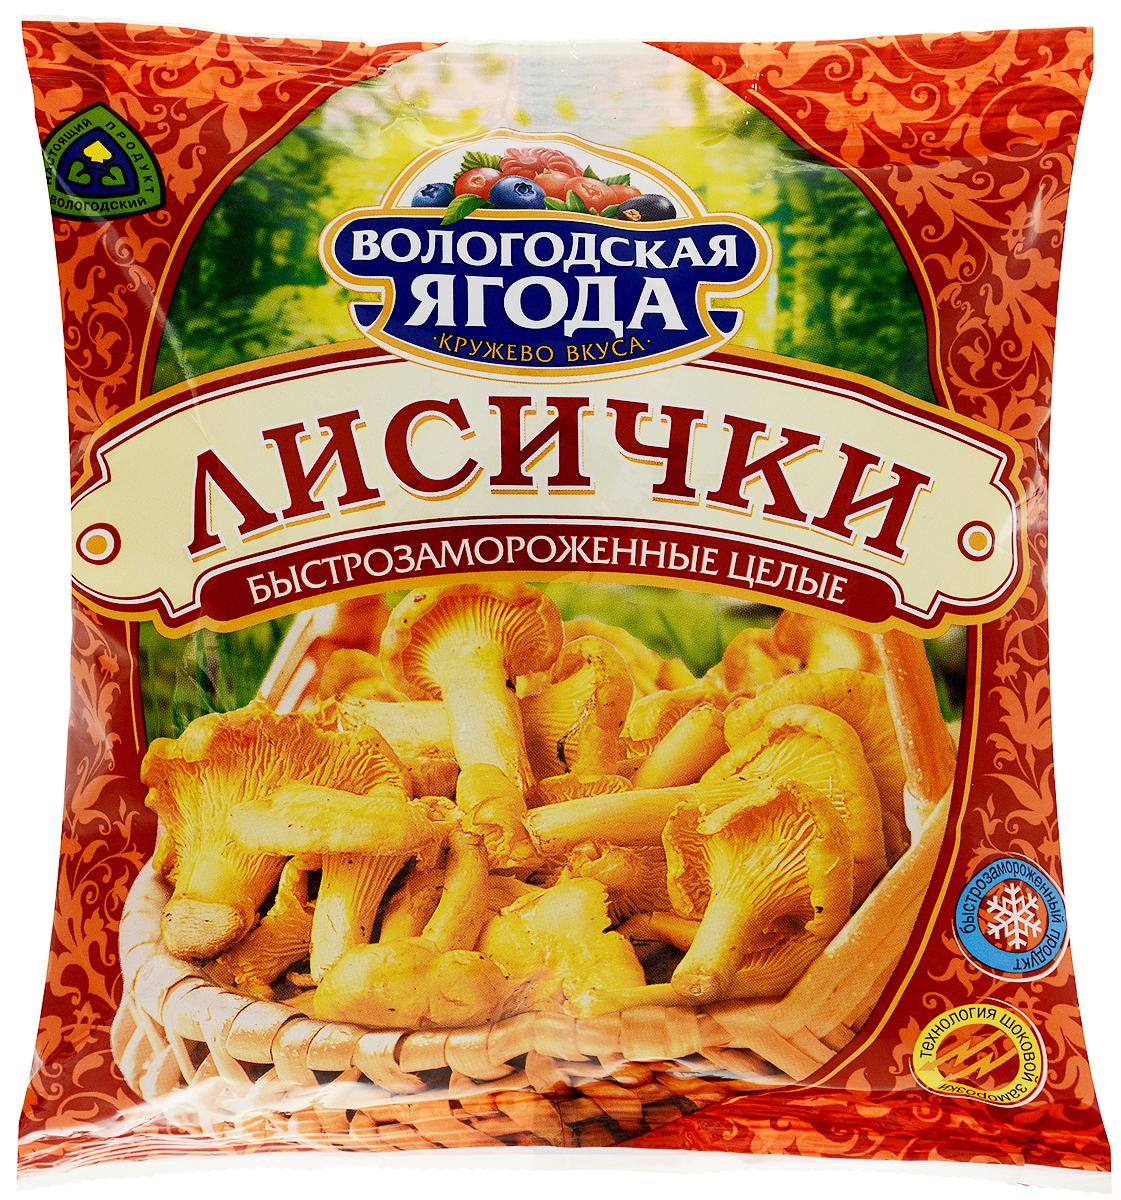 Кружево Вкуса Лисички быстрозамороженные целые, 300 г00000000036Лисички очень вкусный гриб. Лисички едят в жареном и маринованном виде, реже варят и солят. Законсервированные грибы хорошо хранятся. В переработке гриб практически не изменяет свой цвет, в маринаде и засоле чуть буреет. Лисички приятны на вкус, калорийны, богаты витаминами, они практически не бывают червивыми. Это единственный вид неломких грибов. Лисички составляют пятую часть грибного урожая смешанного леса.